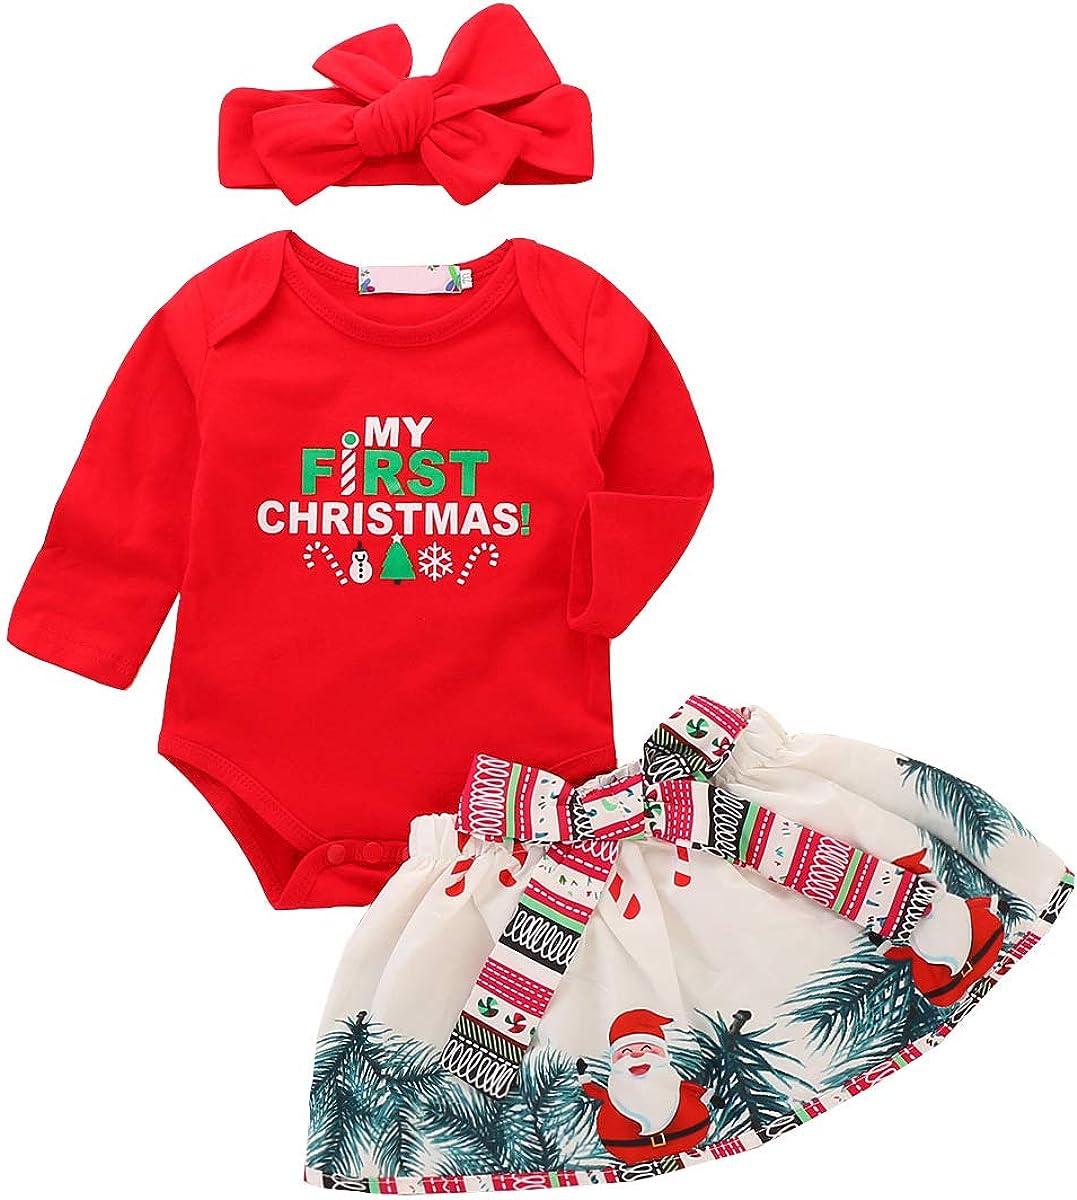 12Monat-3T Hosen Set Outfits Kleidung Set Stirnband Trainingsanzug Kleidung Babykleidung Kinder Kleinkind M/ädchen Sommer Baby Bekleidungssets T-shirt Kleidung Top LMMVP